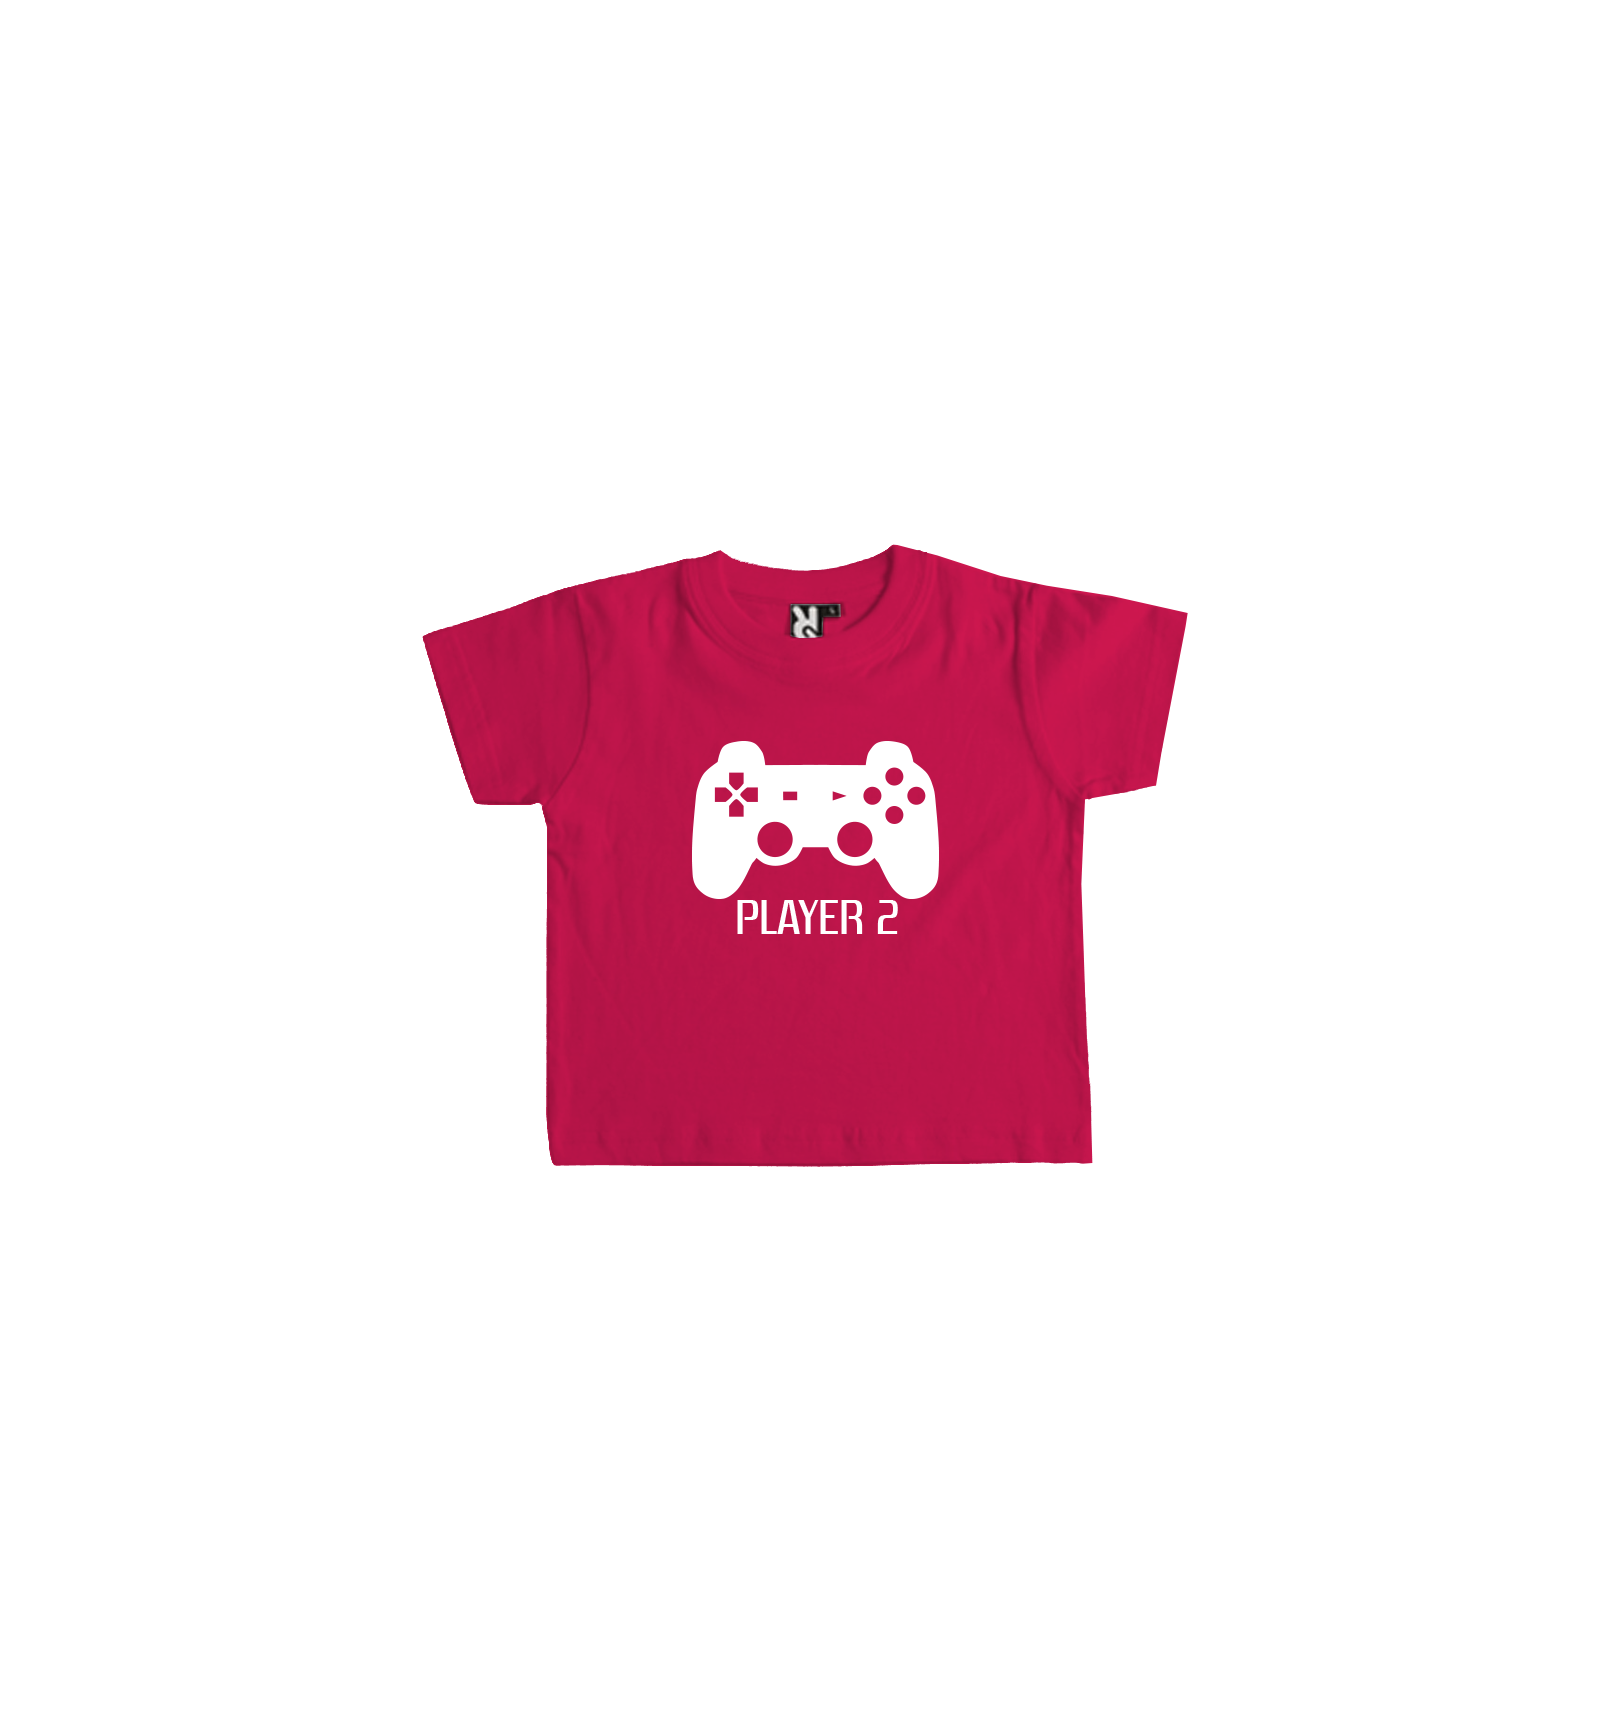 717d97f88d39 Dětské tričko Player 2 - BVTRIKO